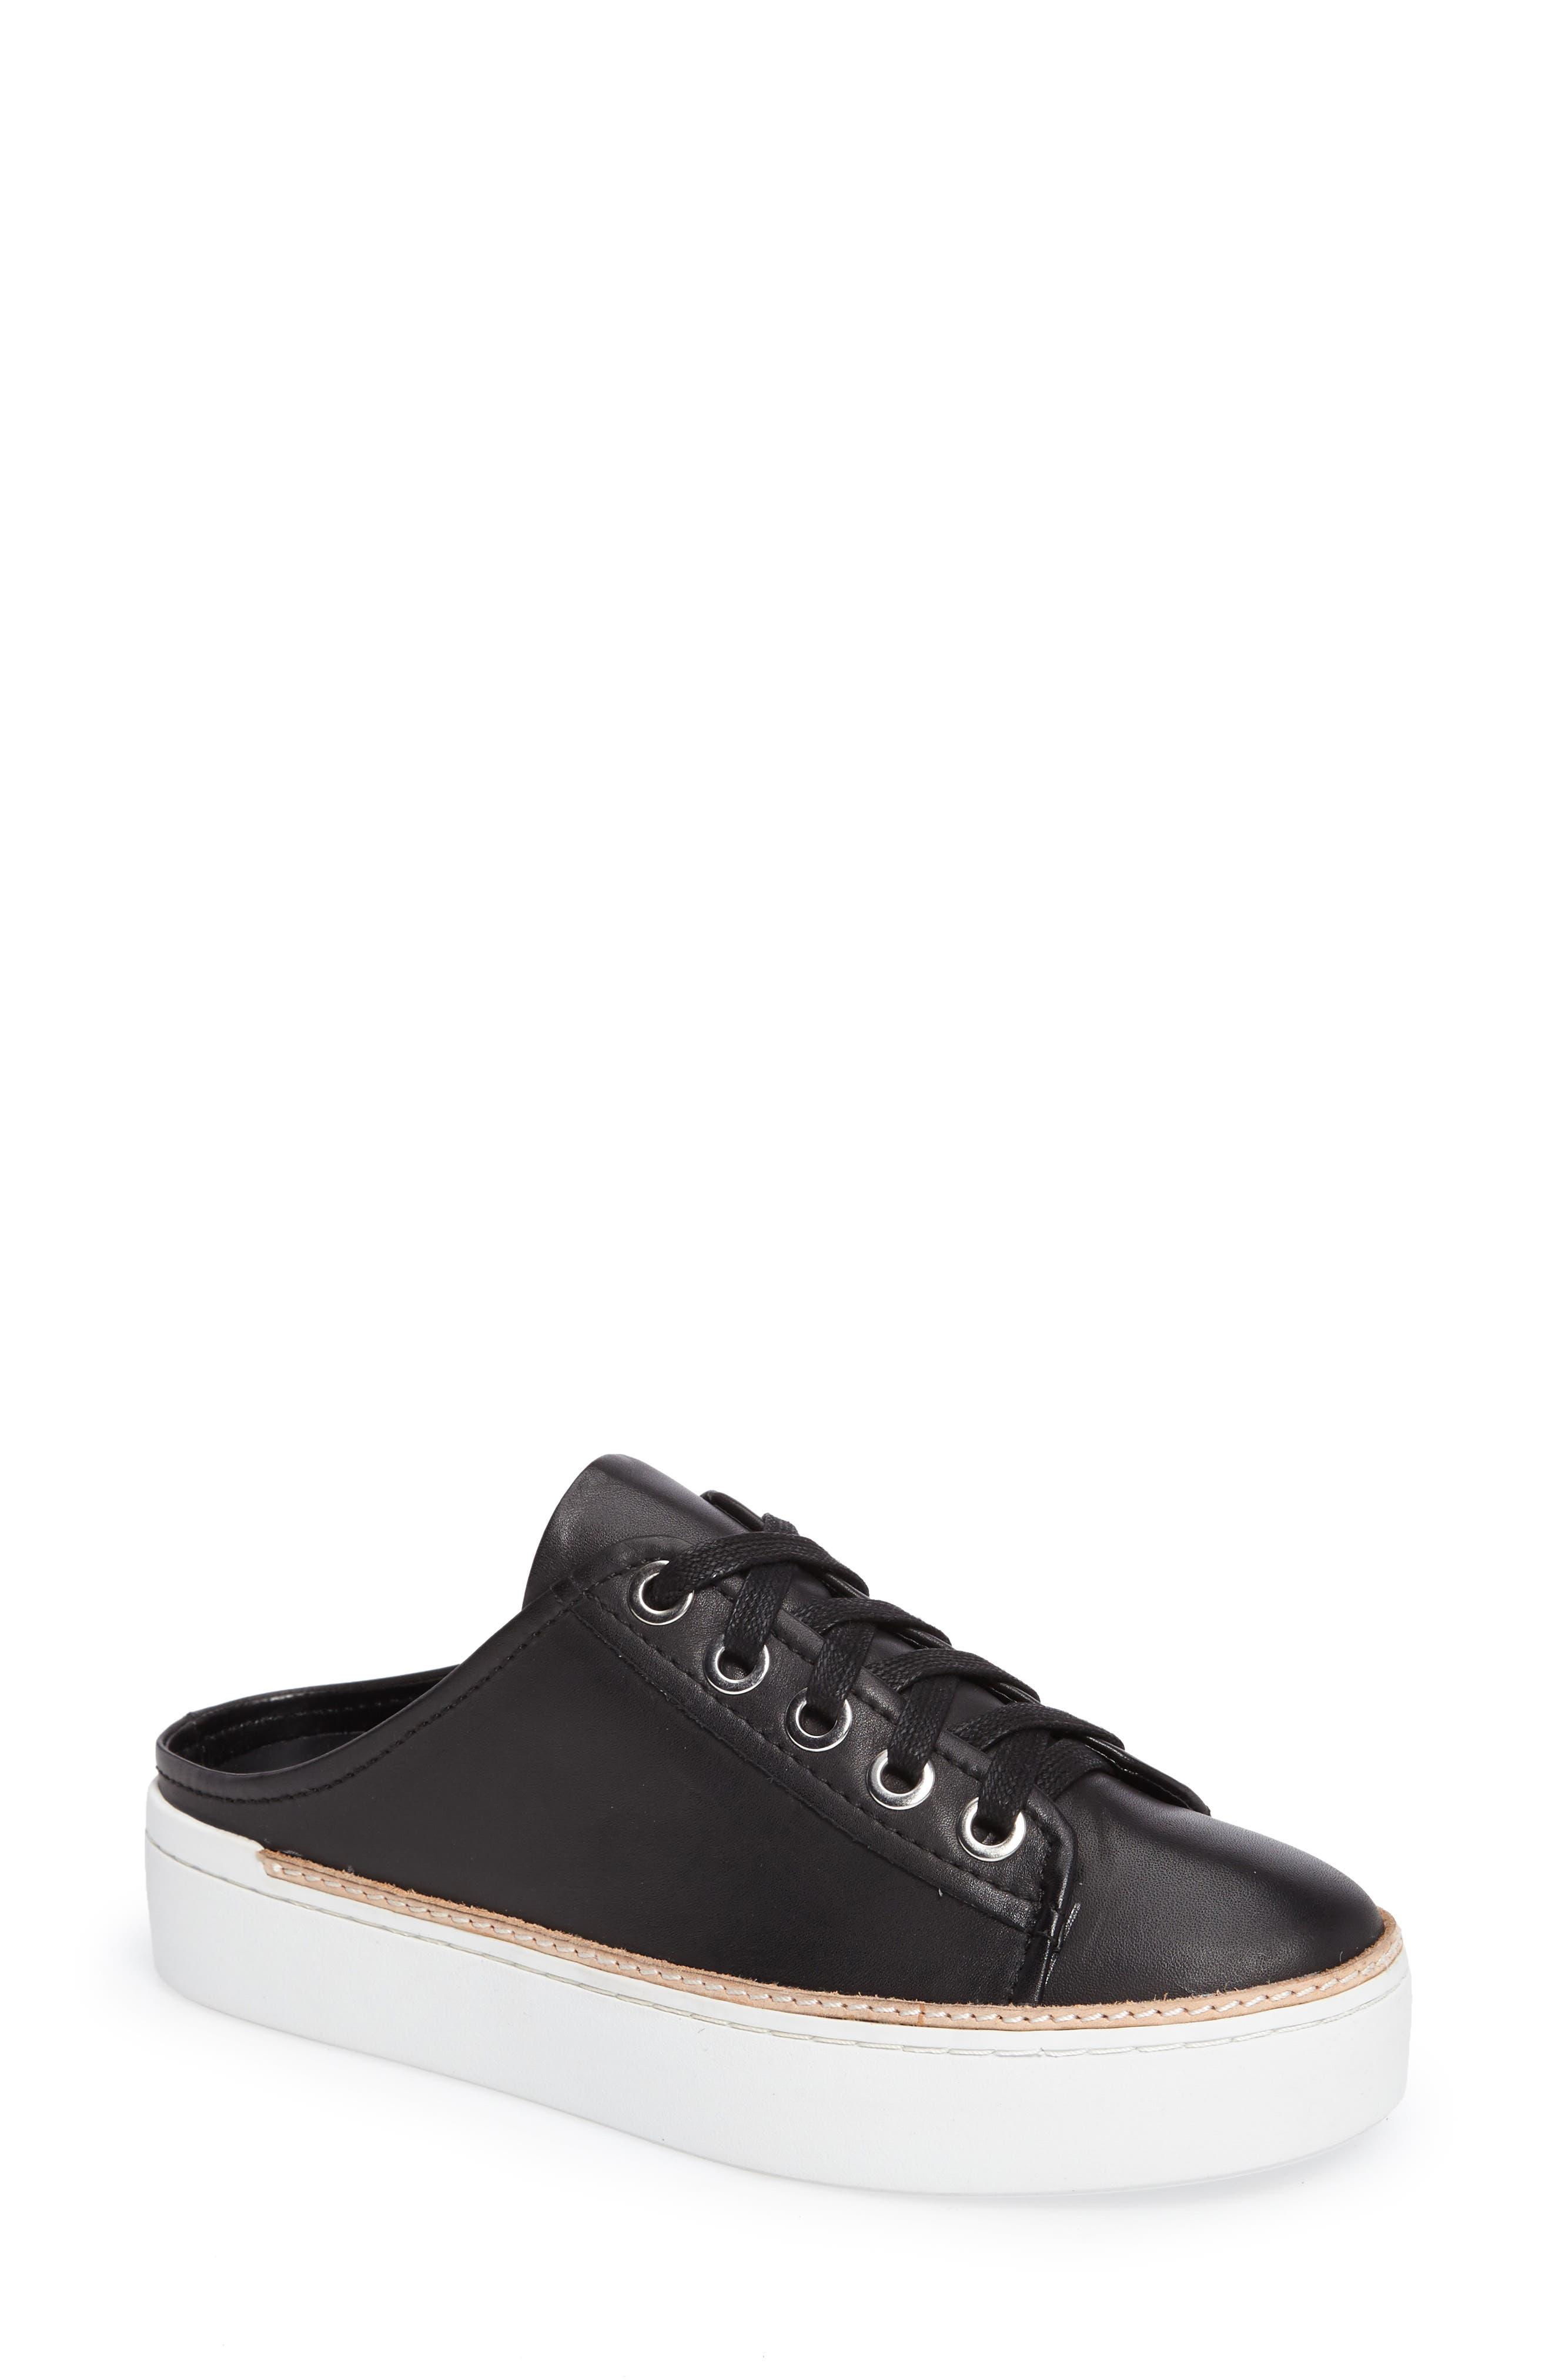 M4D3 Slide Platform Sneaker,                         Main,                         color, Black